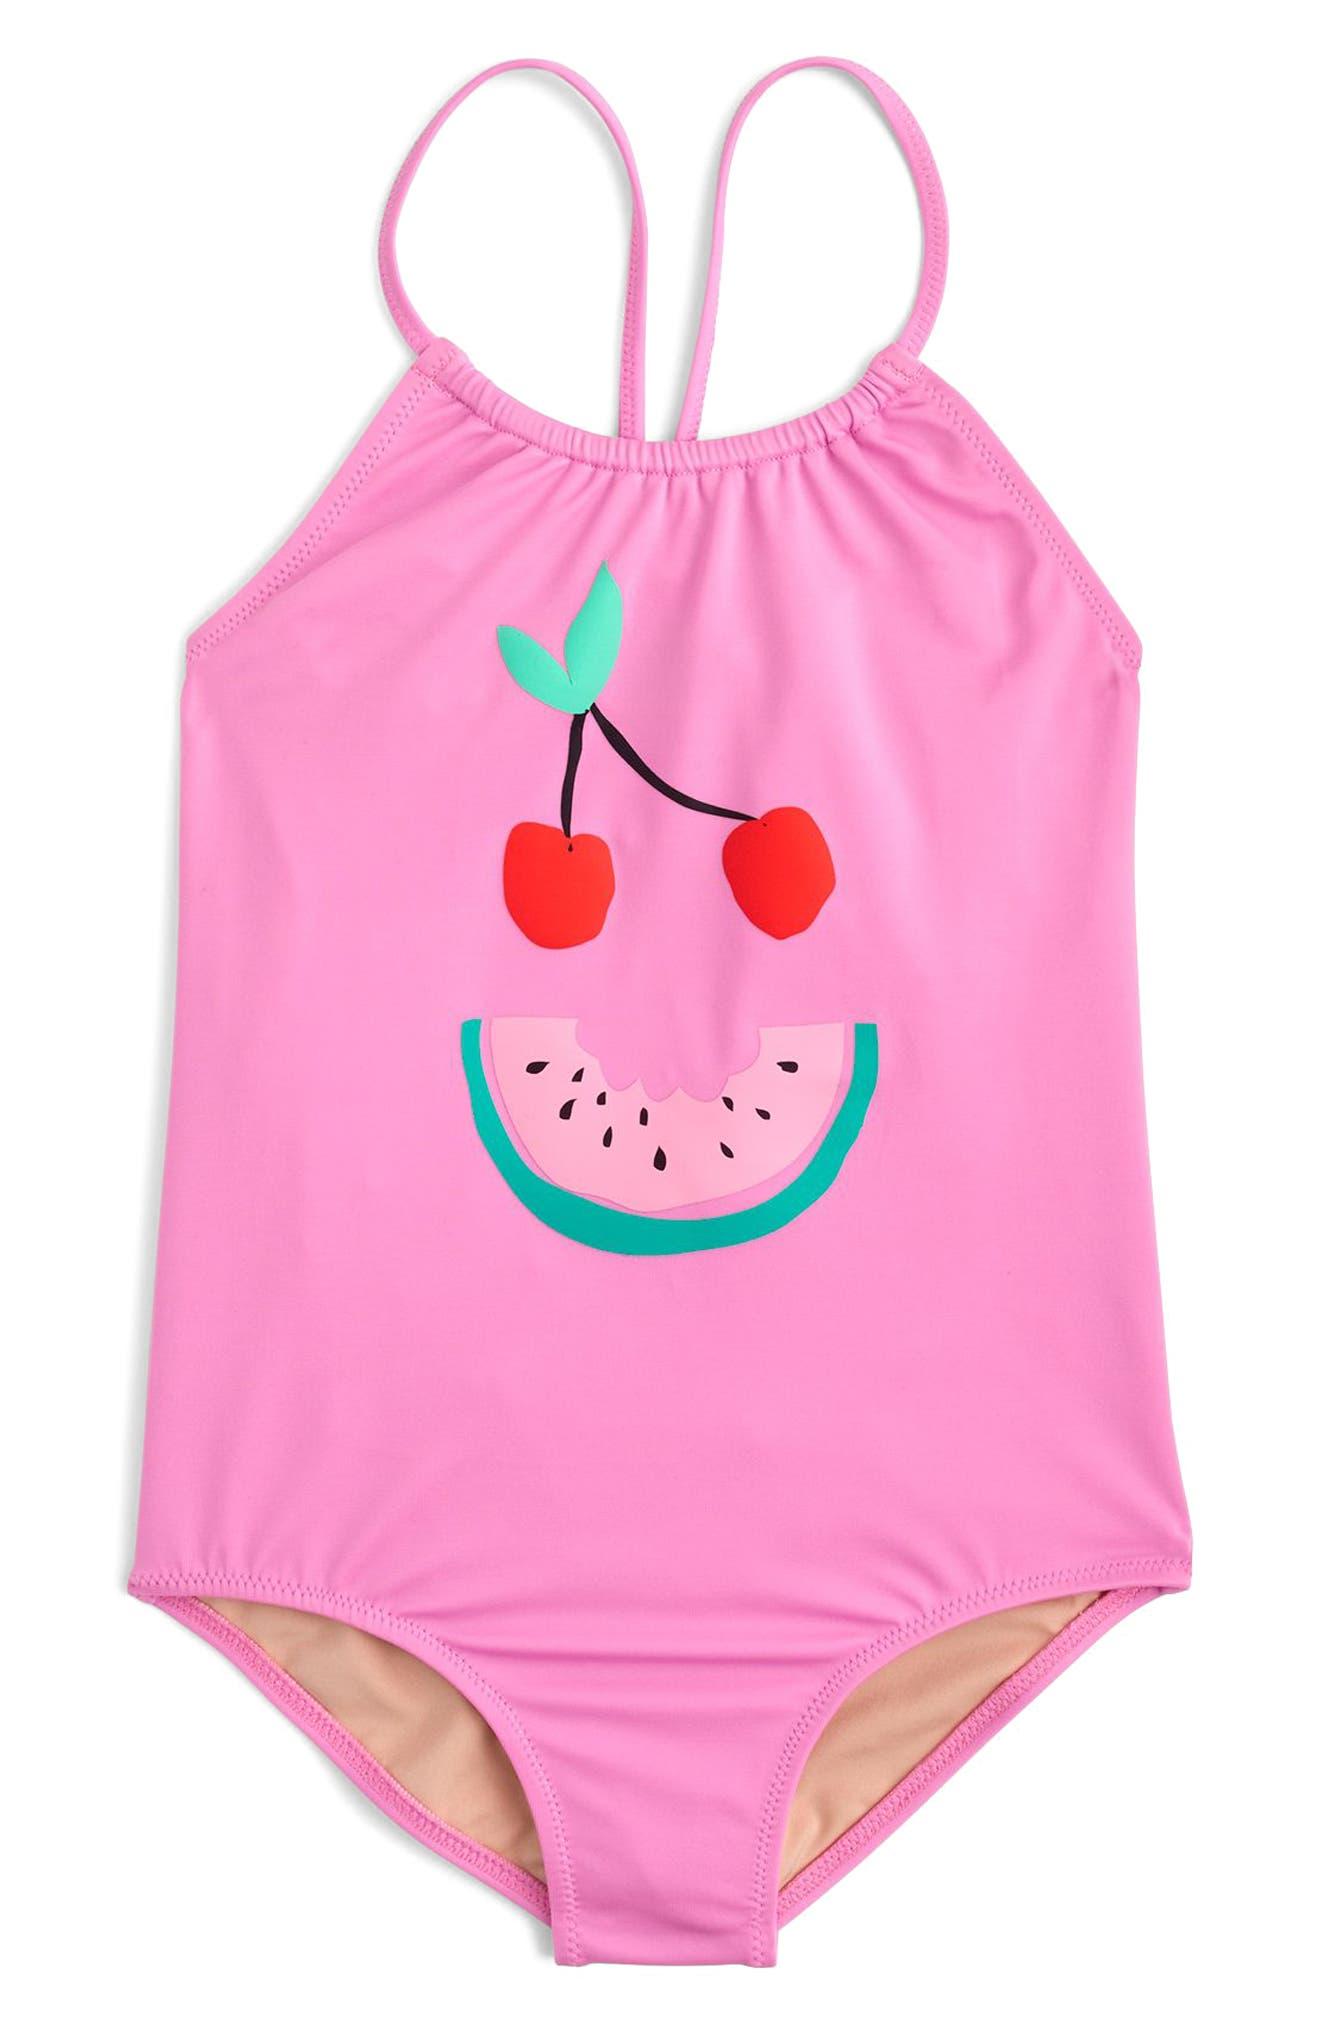 Fruit Face One-Piece Swimsuit,                             Main thumbnail 1, color,                             650